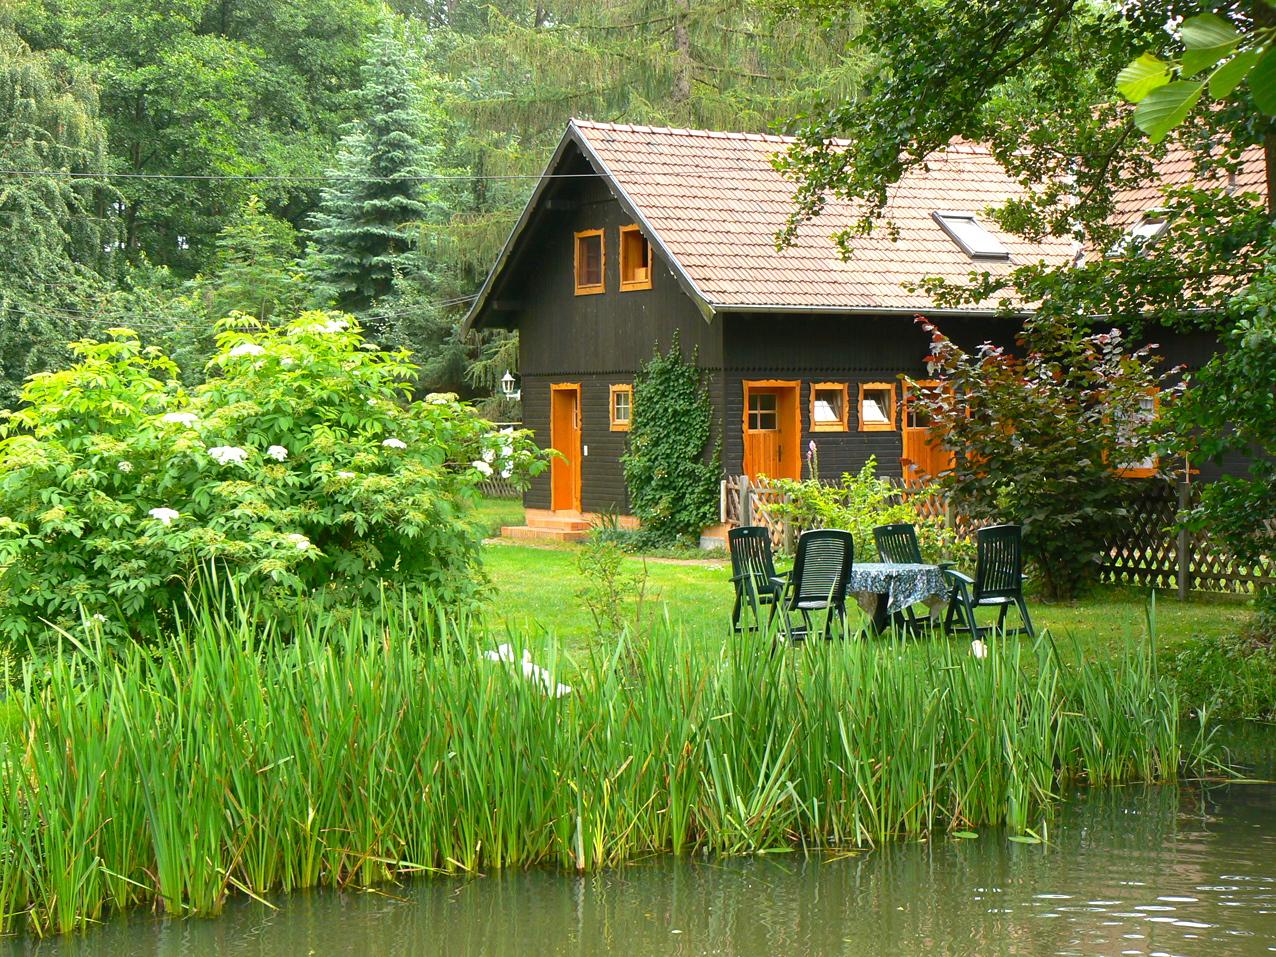 Bootshaus Kaupen Garten.jpg